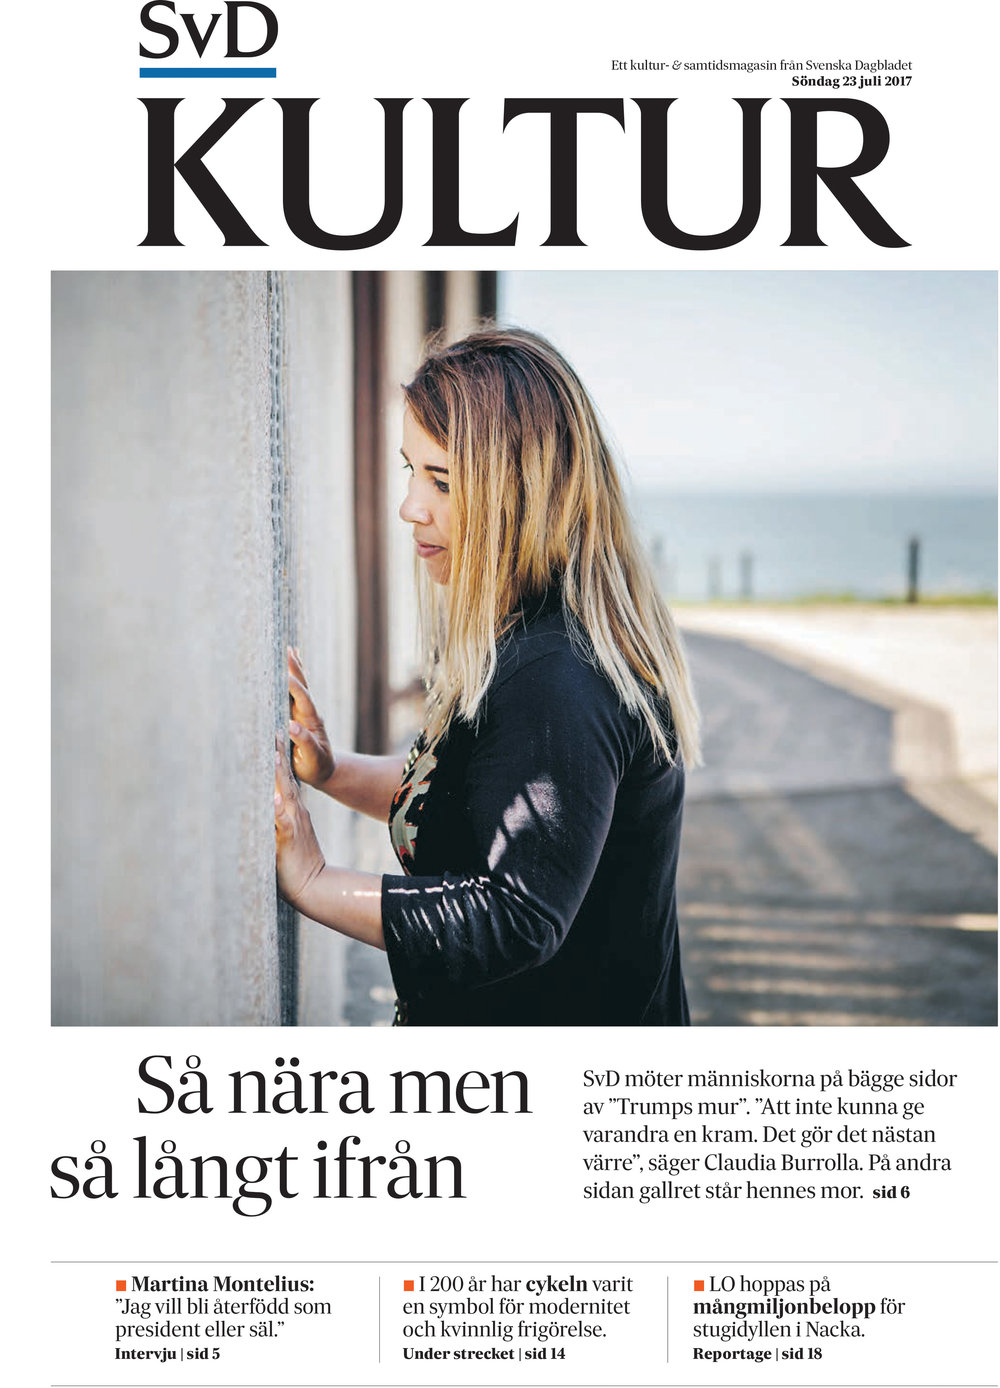 SvD Kultur, Sweden